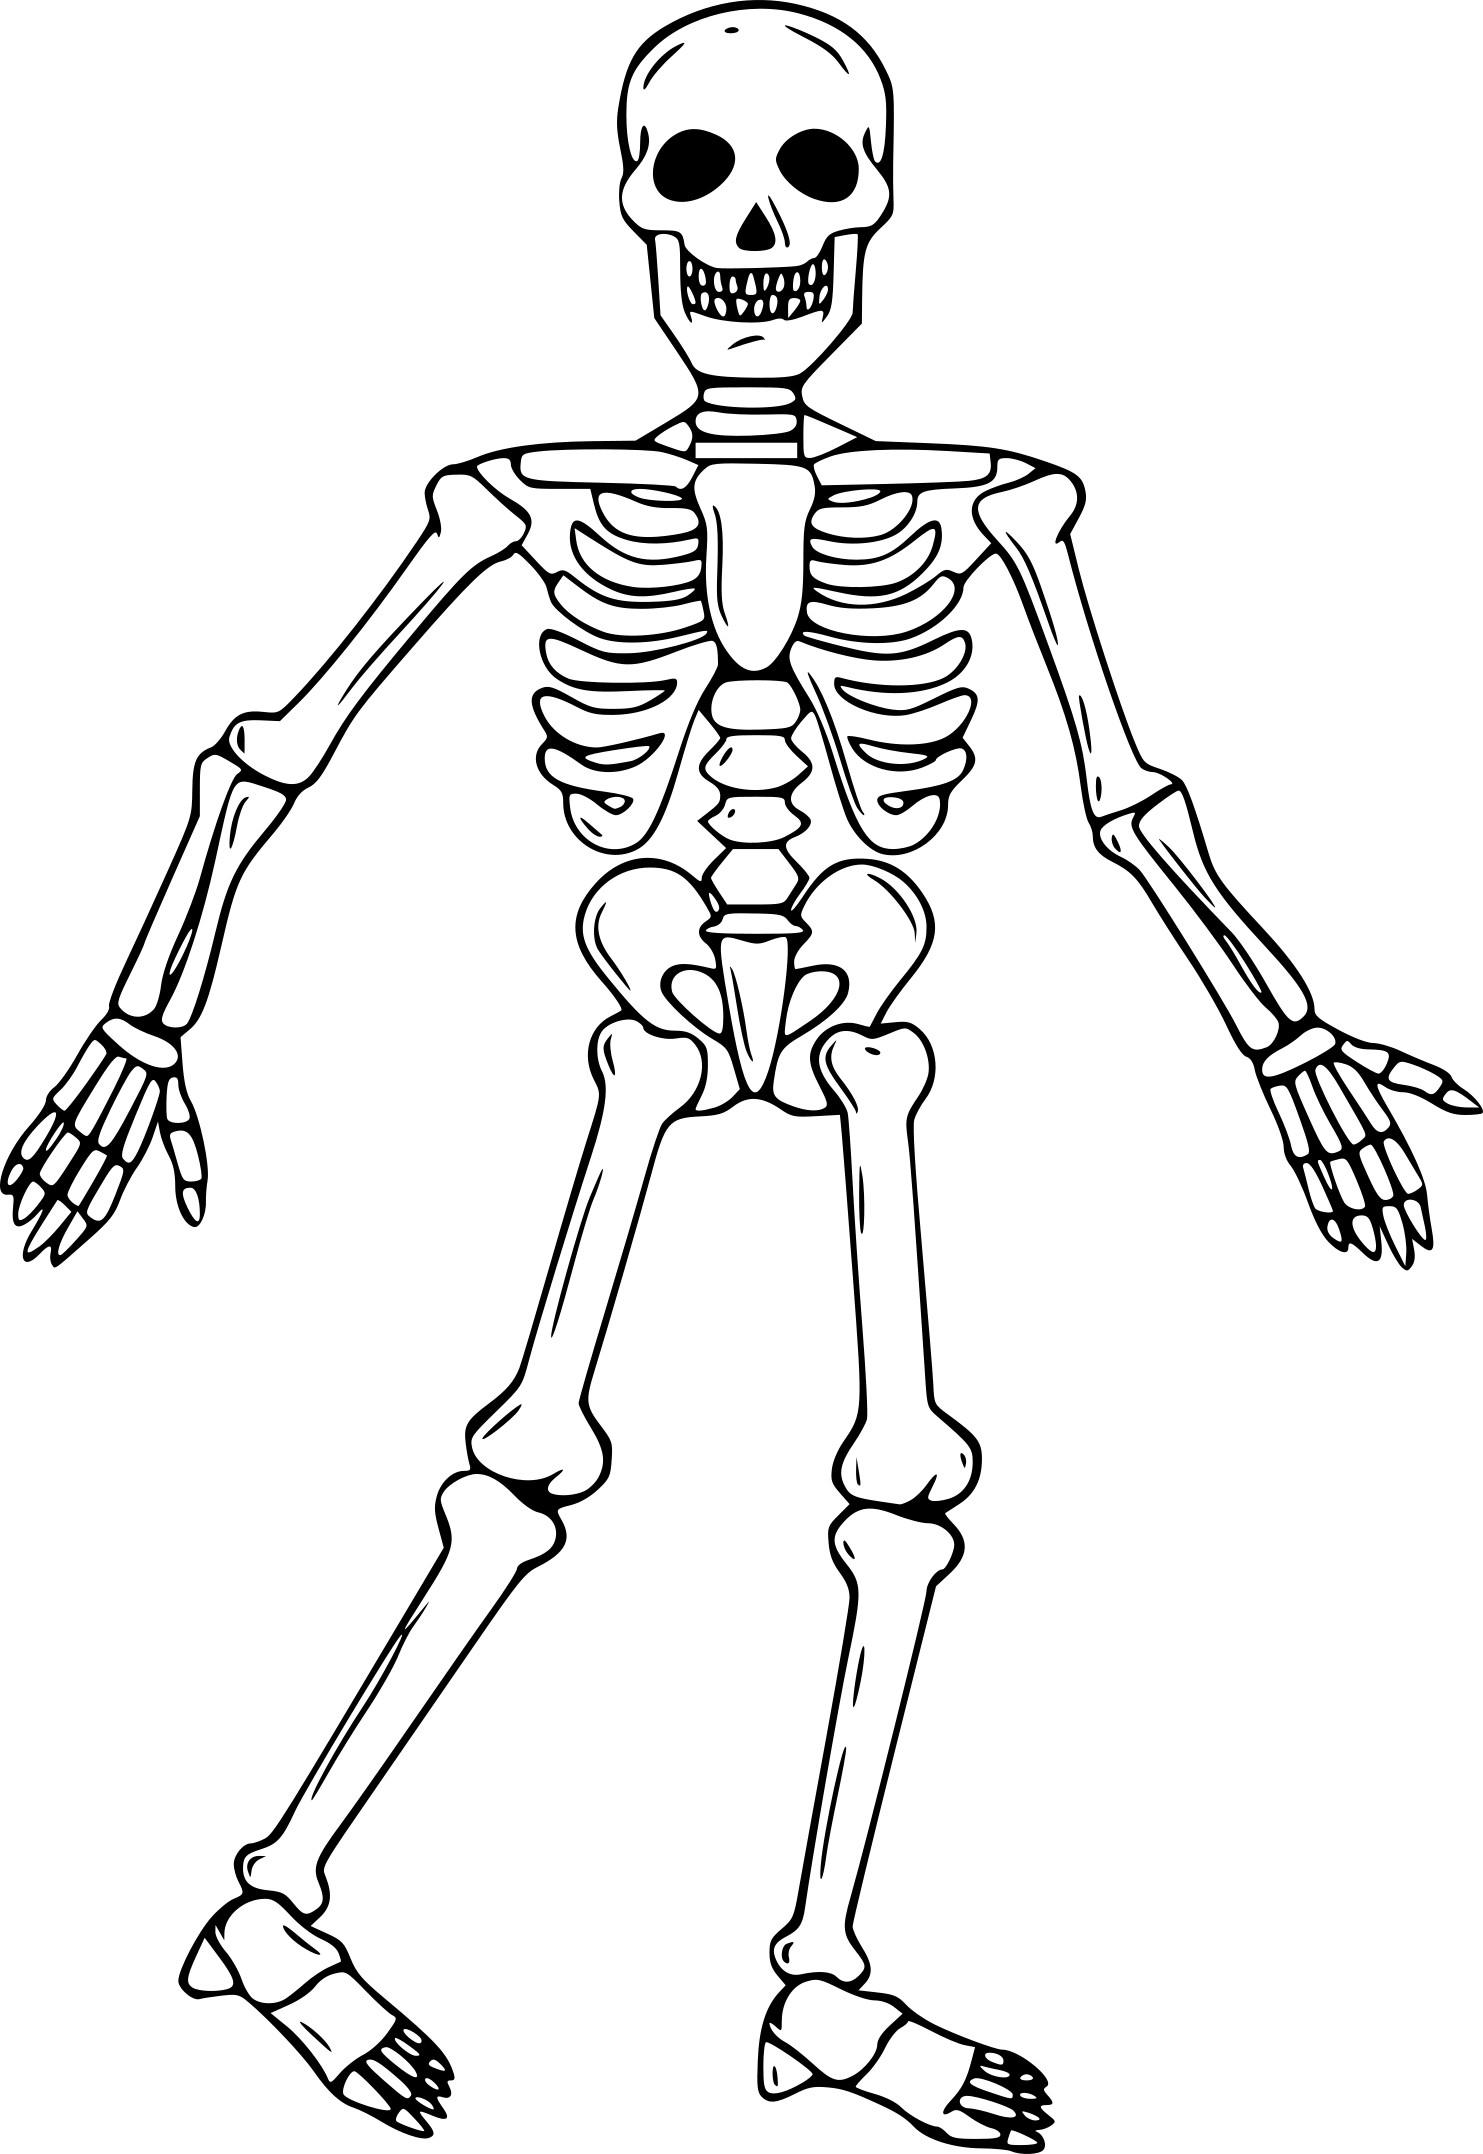 Coloriage Squelette À Imprimer Sur Coloriages concernant Squelette A Imprimer